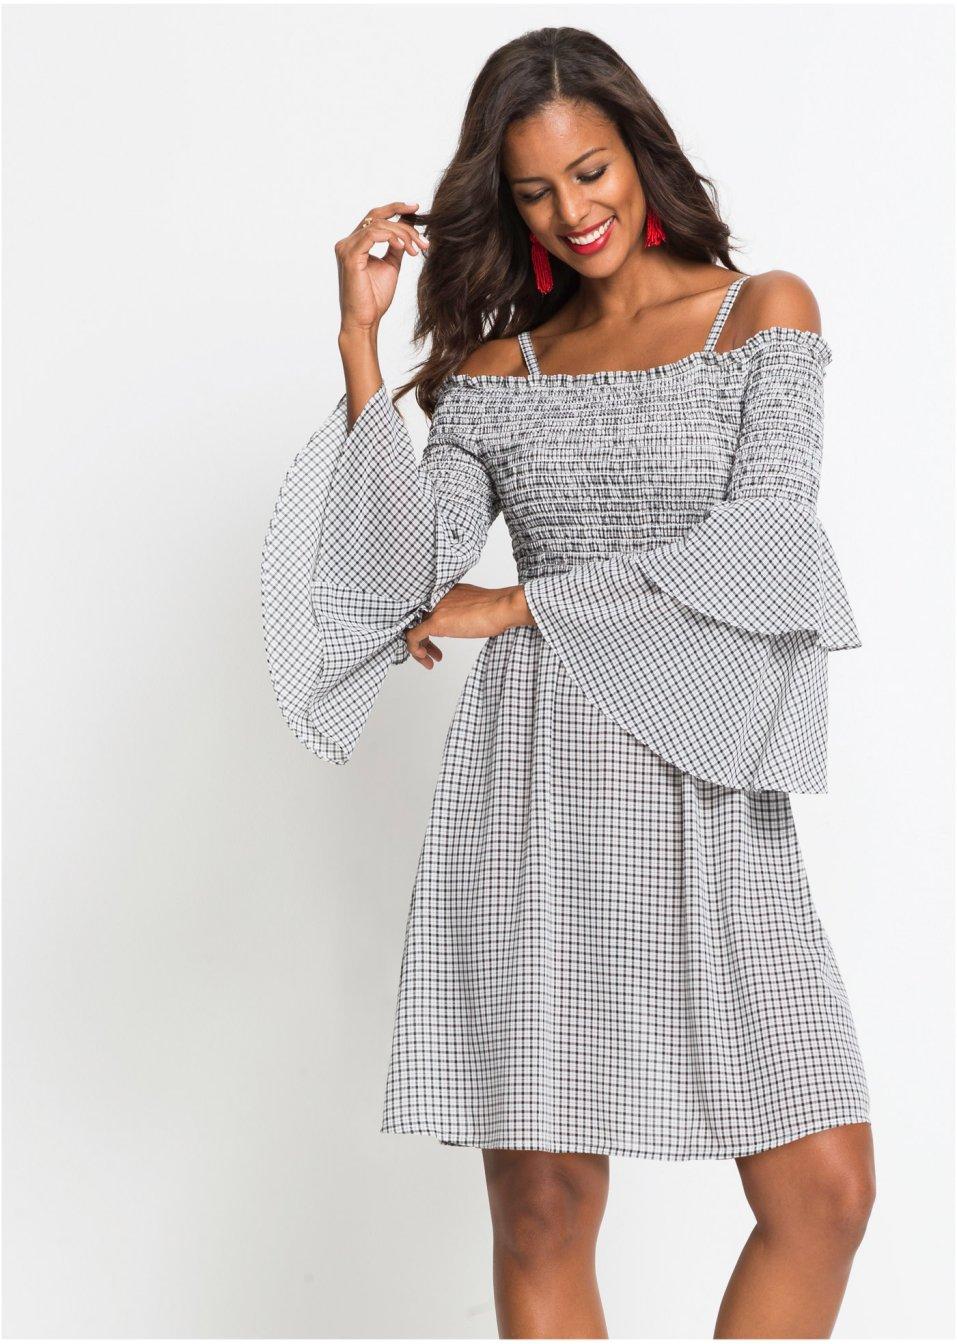 8a21b57ab18a62 Zauberhaft gesmoktes Kleid mit Cold-Shoulder-Effekt und Volantärmeln -  schwarz/weiß kariert